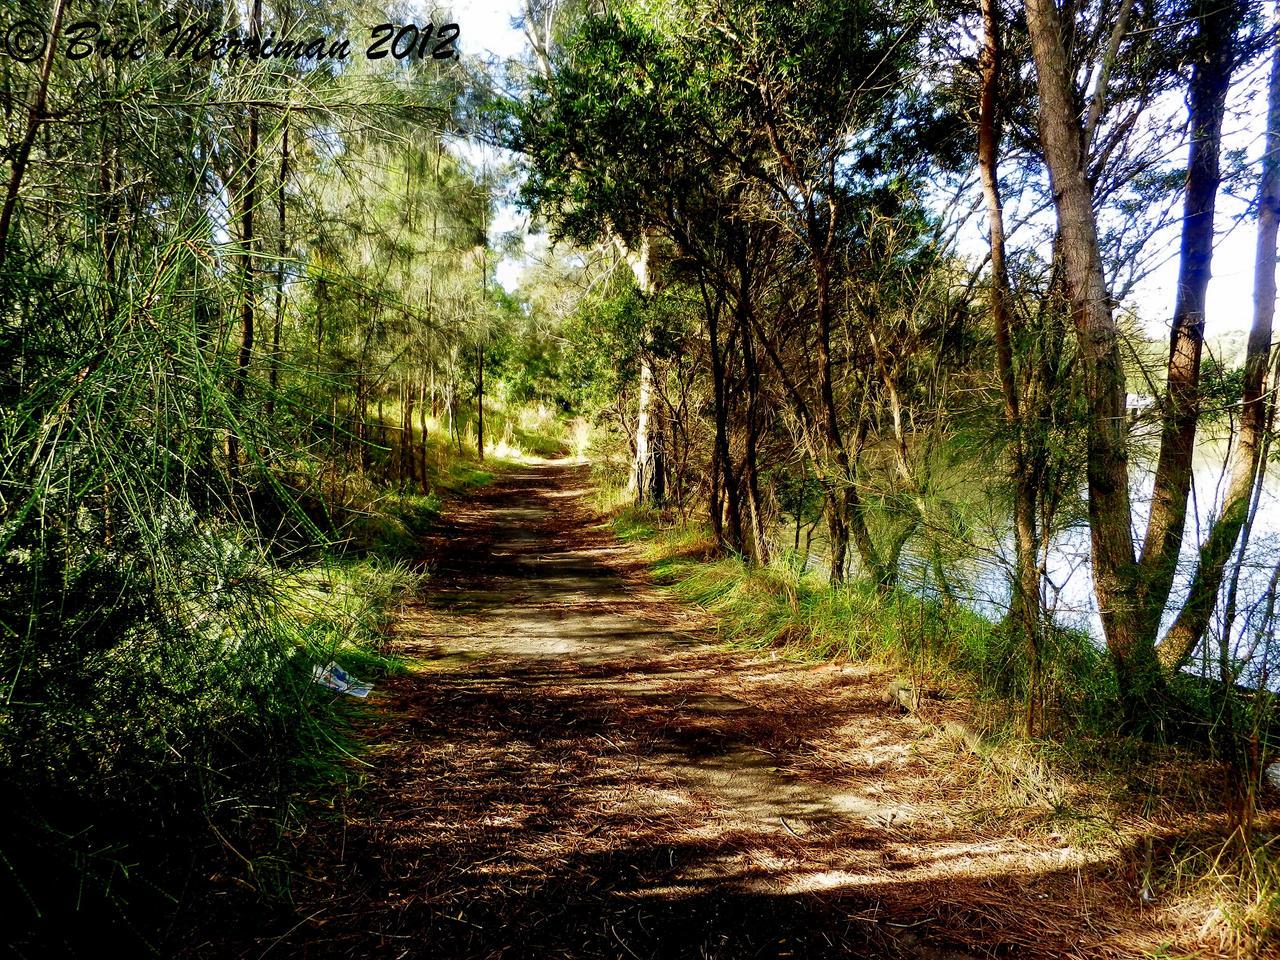 Landscape II by BreeSpawn